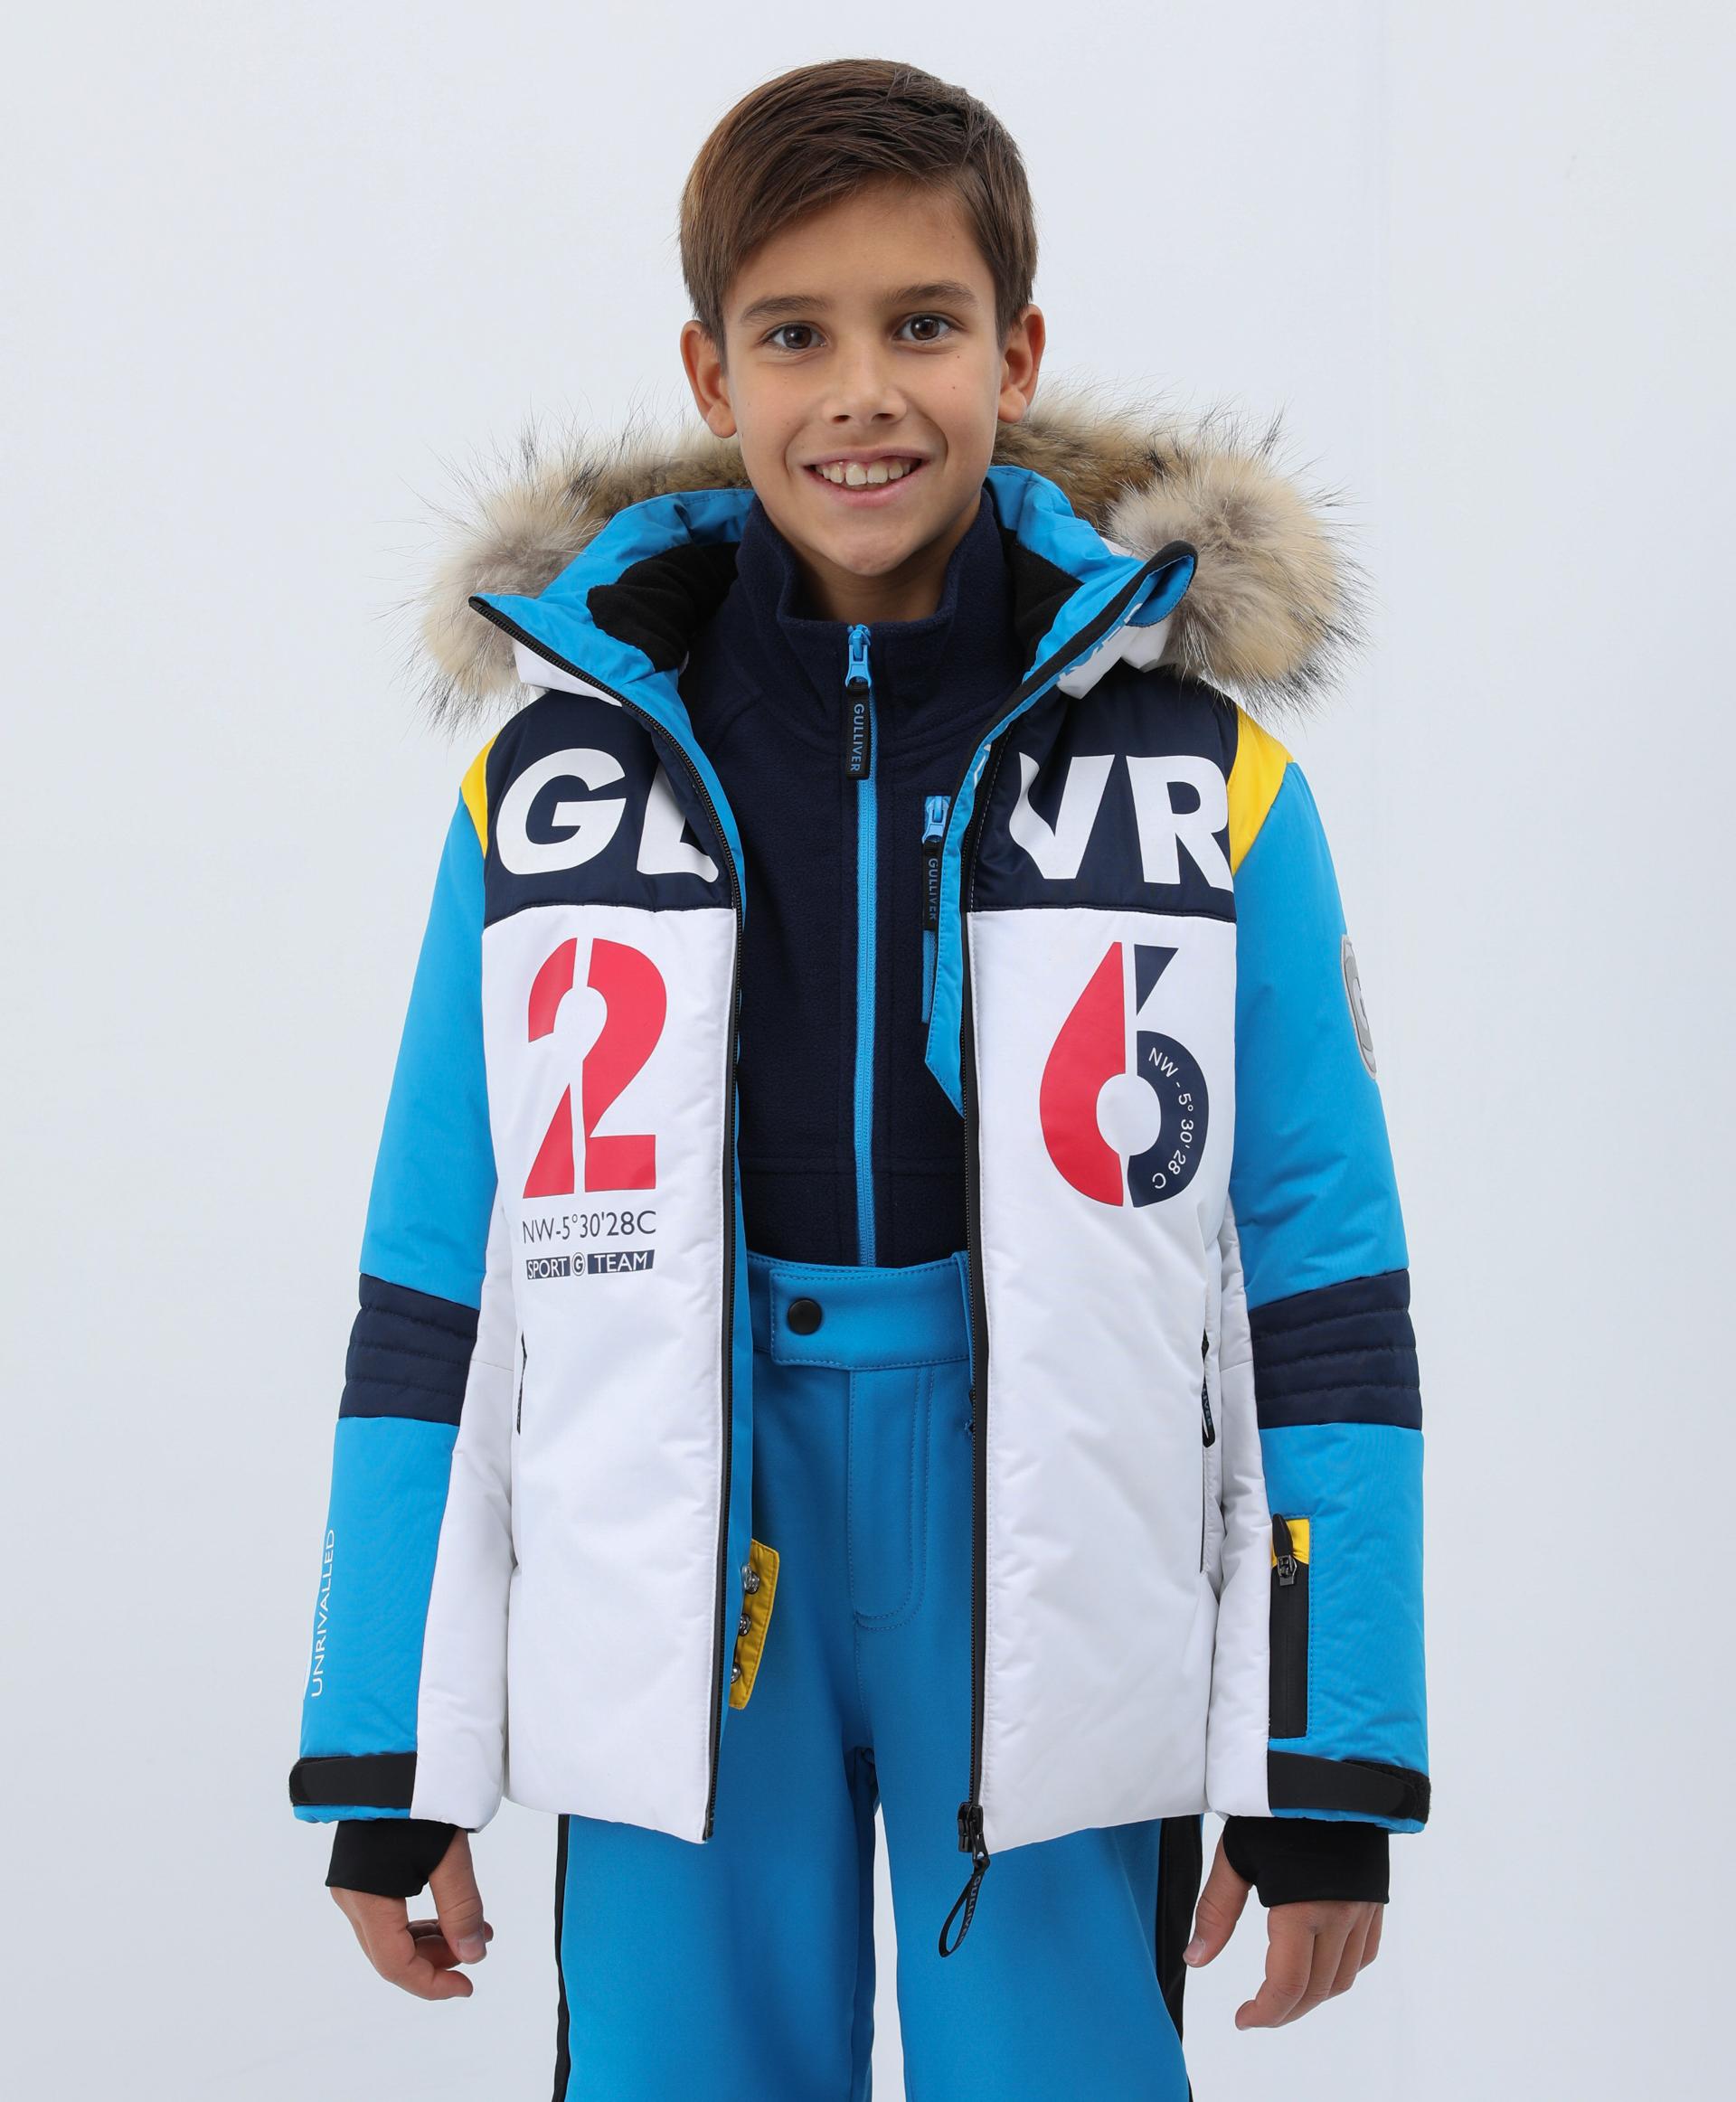 Купить 220FBC4101, Куртка зимняя с капюшоном Gulliver, синий, 104, Полиэстер, Мужской, Зима, ОСЕНЬ/ЗИМА 2021-2022 (shop: GulliverMarket Gulliver Market)